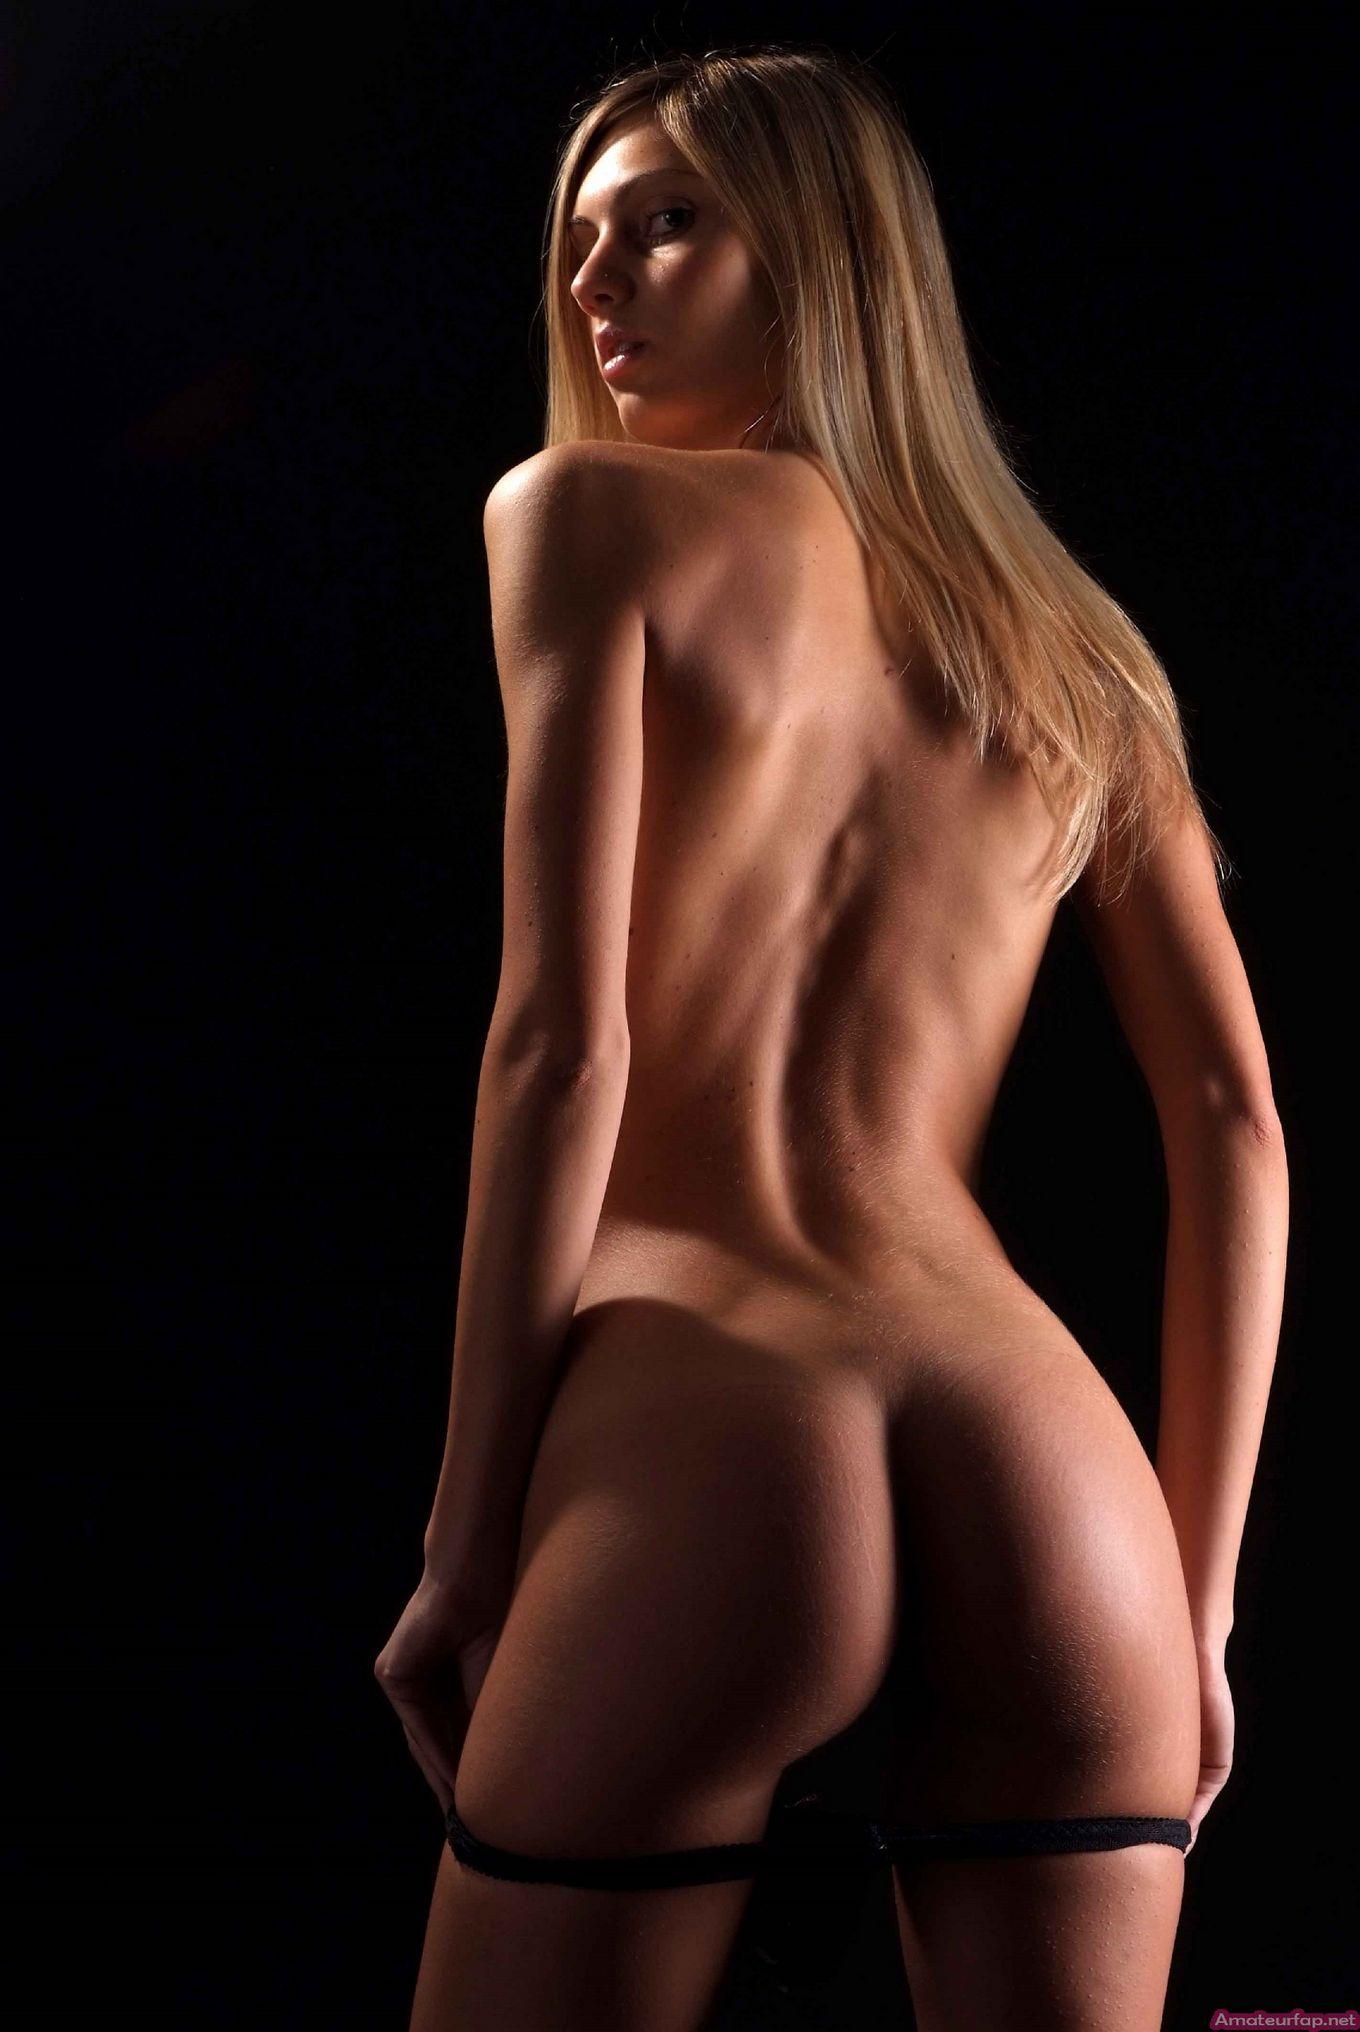 С красивой и гладкой пиздой милашка показывает свои достоинства